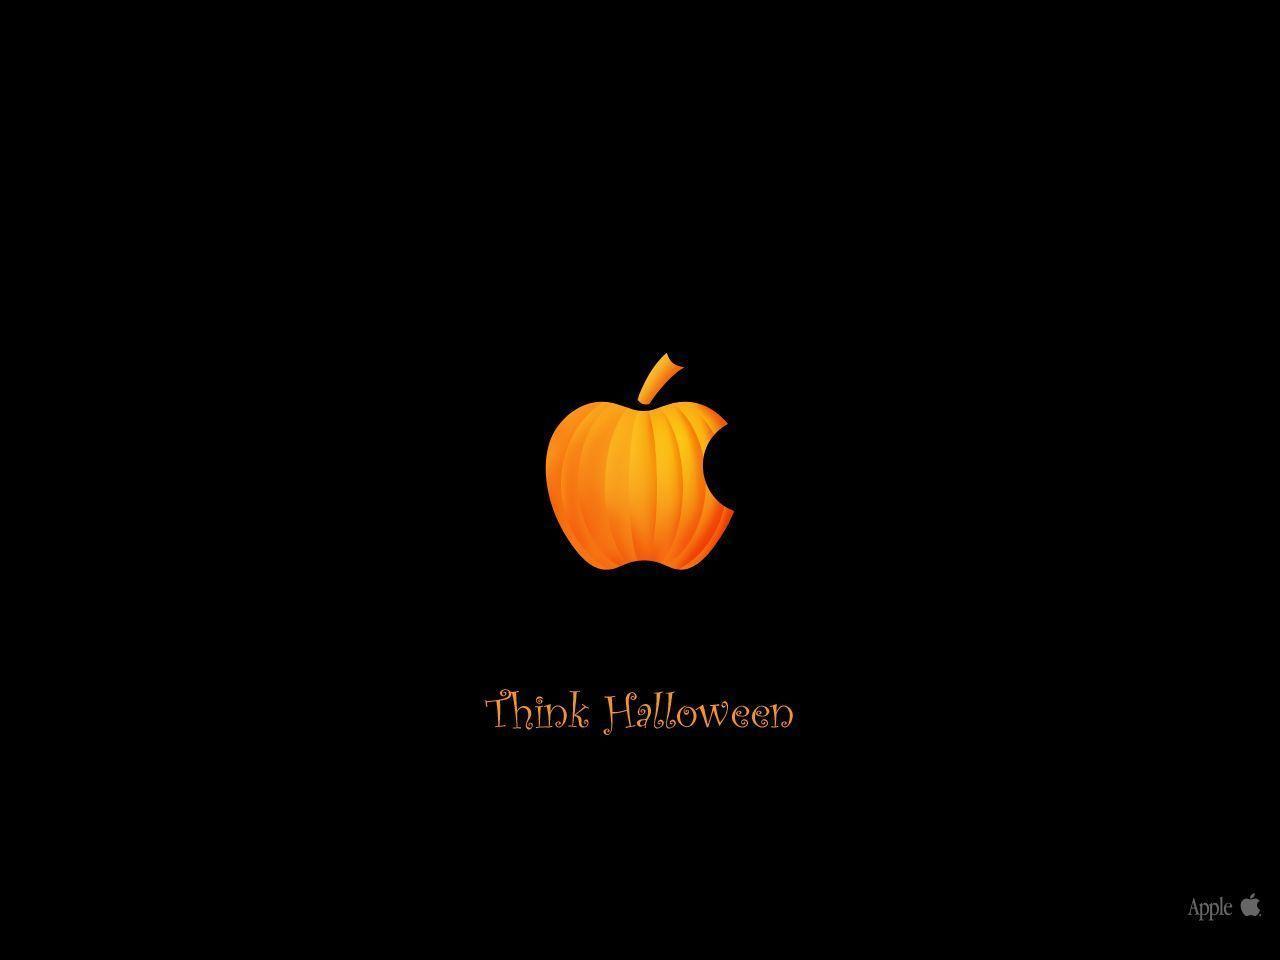 Think Halloween by Zefhar on DeviantArt